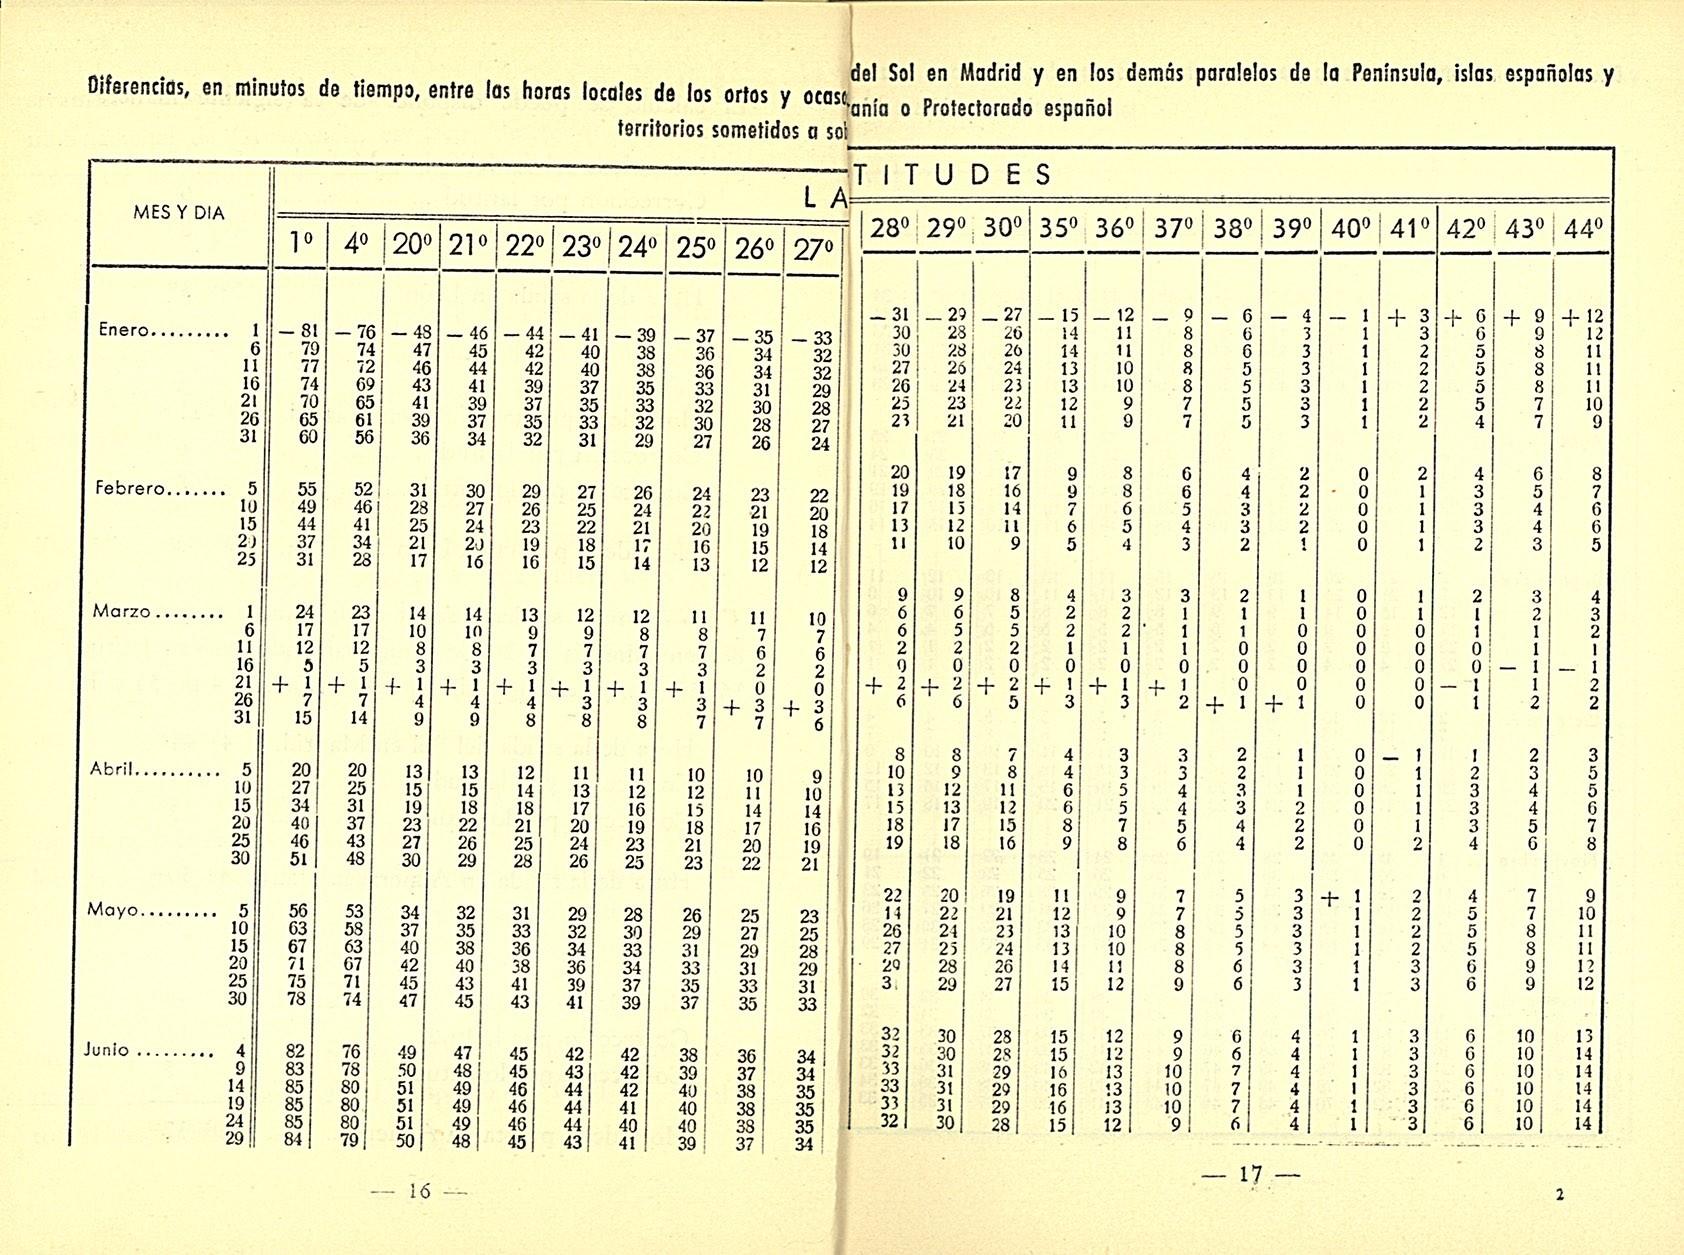 Imprimir Calendario Anual 2019 Más Recientes Arcims Calendario Meteorofenol³gico 1956 Of Imprimir Calendario Anual 2019 Actual La Agenda De Puterful Imprescindible Para Anotar El A±o Con Humor